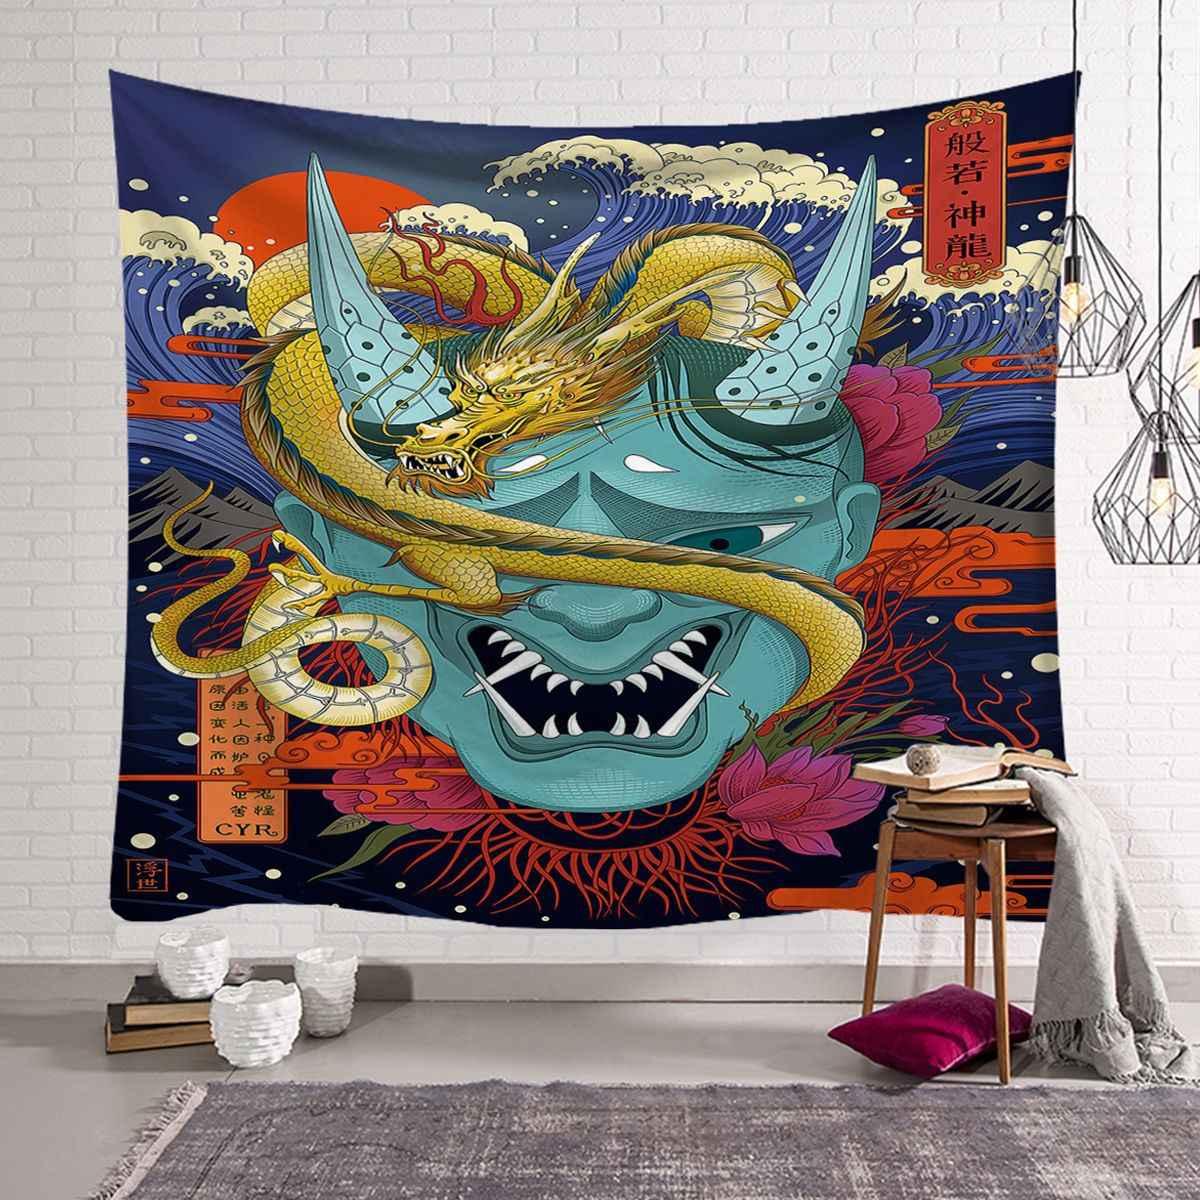 ญี่ปุ่นสิ่งทอแขวนผนังแขวนชายหาด Tapestries โพลีเอสเตอร์ผ้าสำหรับห้องผ้าห่ม Decor Wall Tapestry 200X150 ซม.